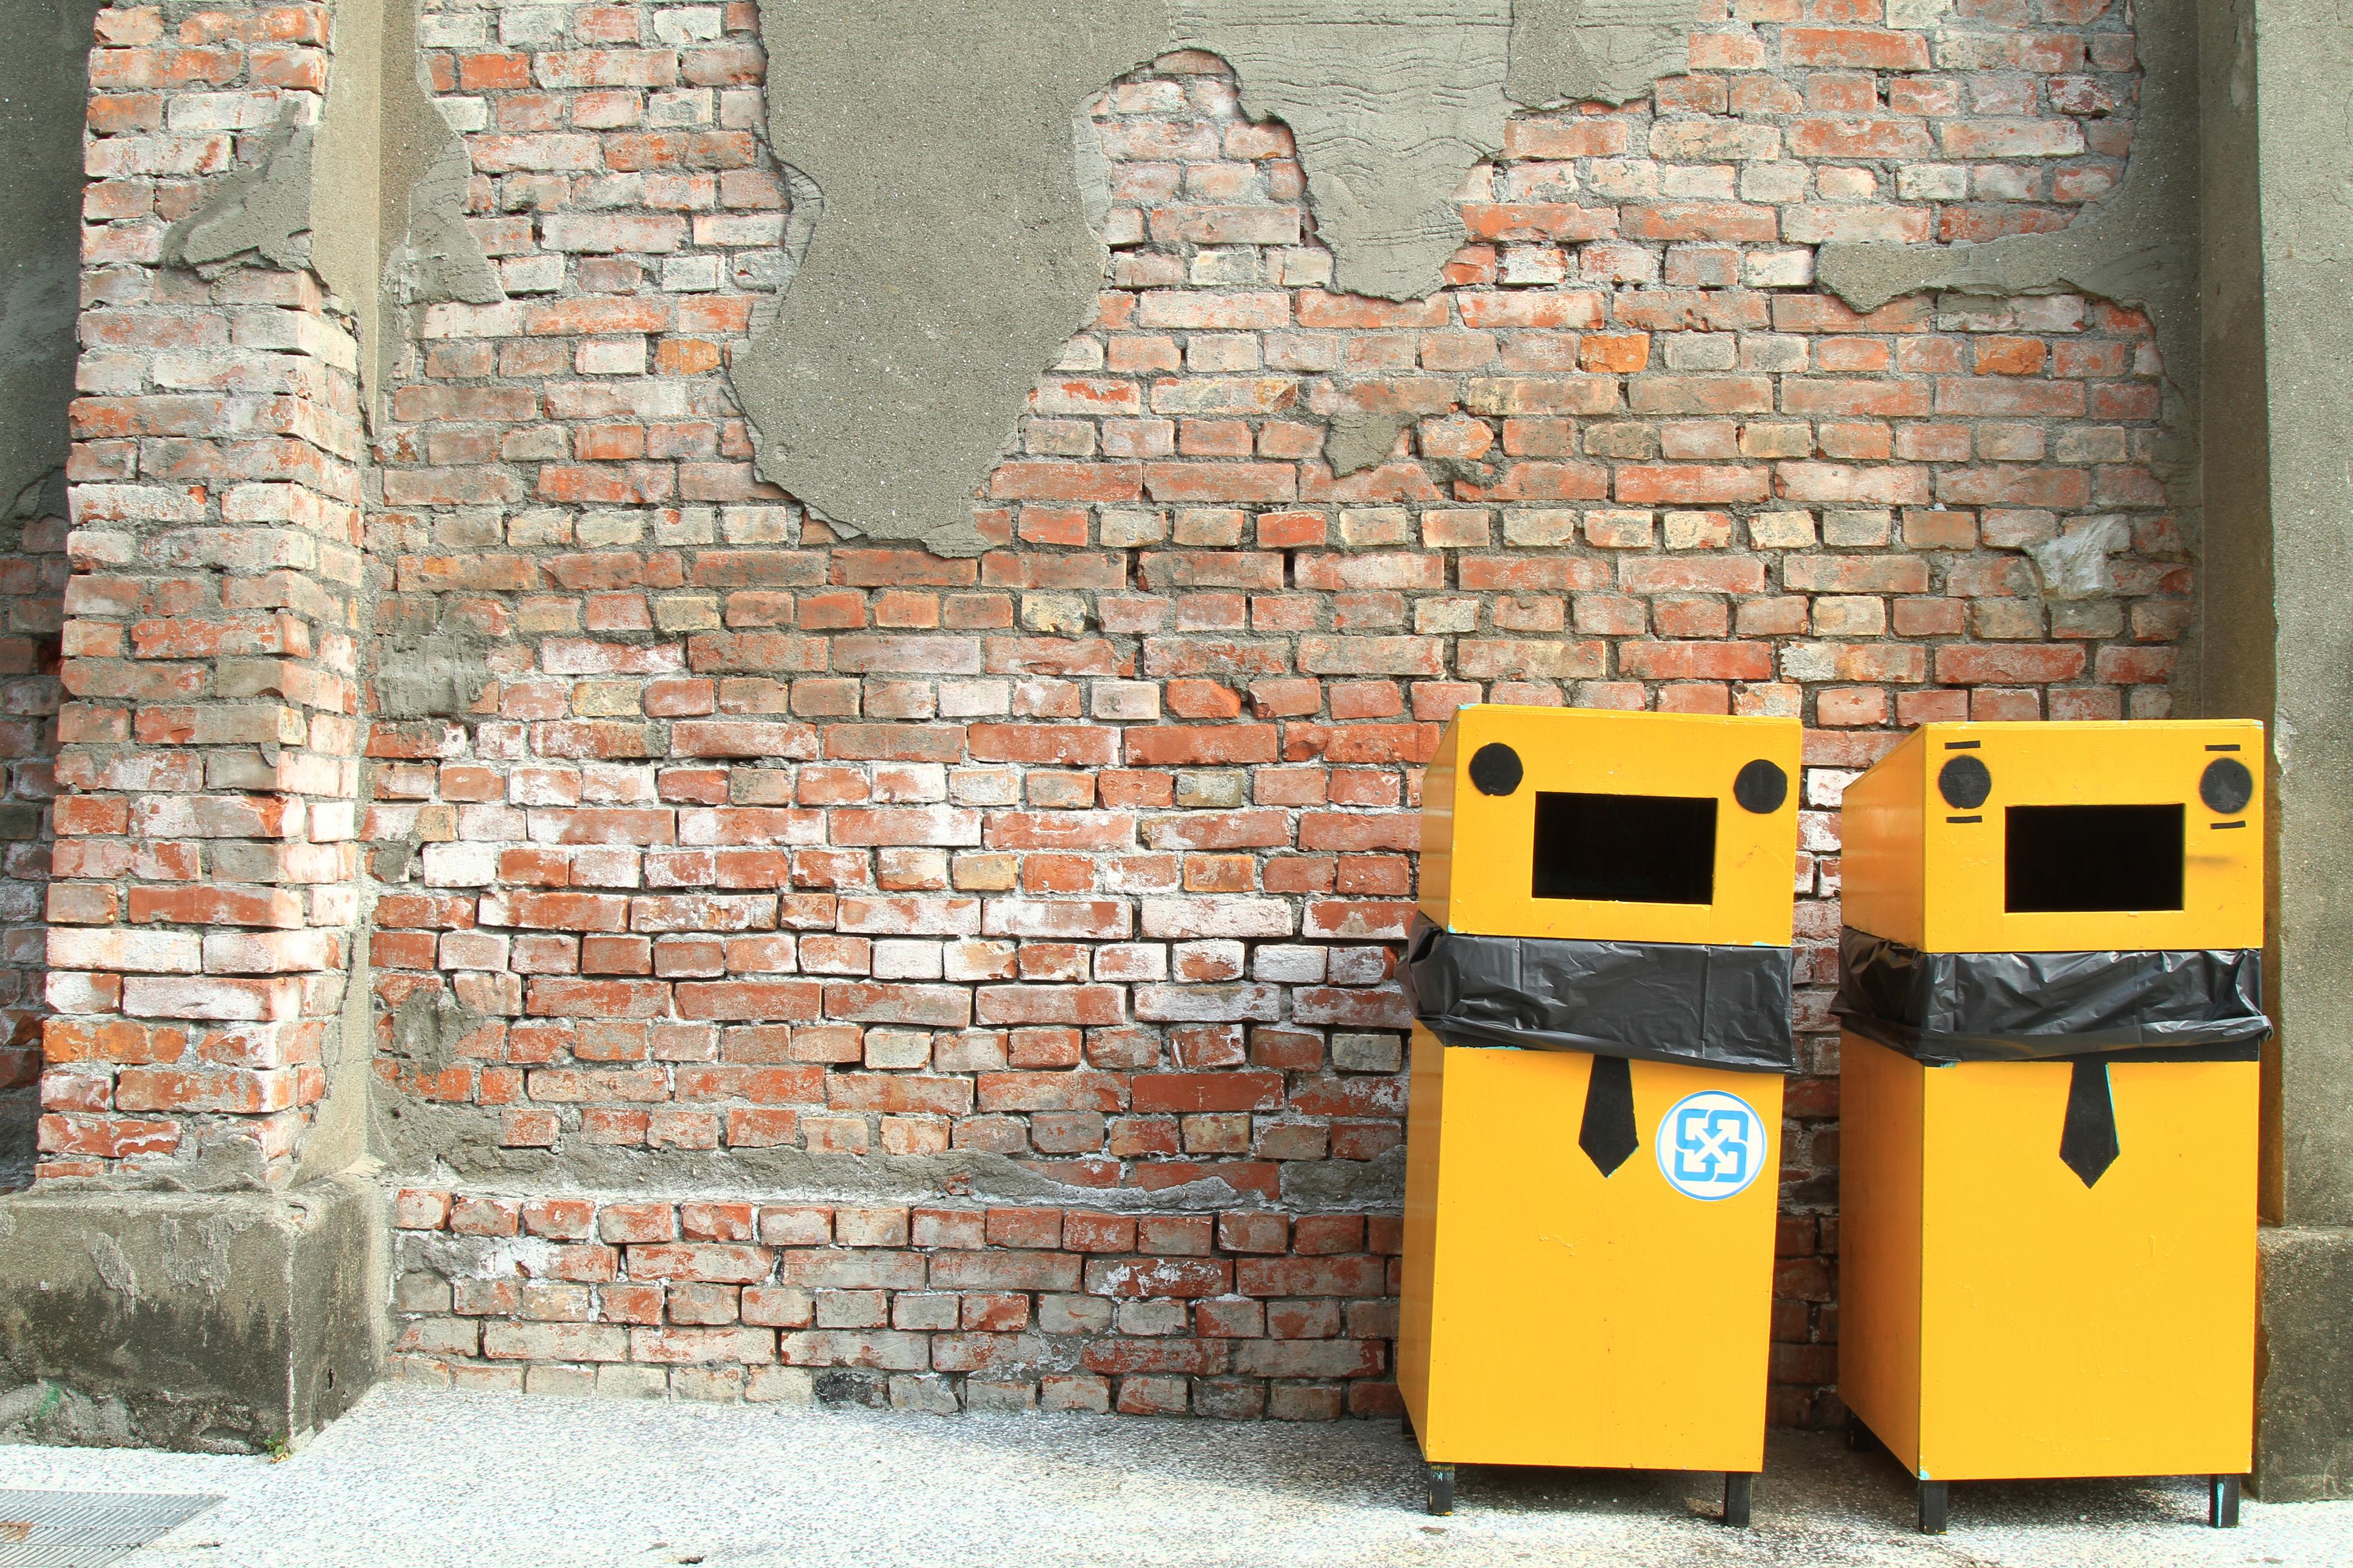 Muddling through: Organisationen als Mülleimer